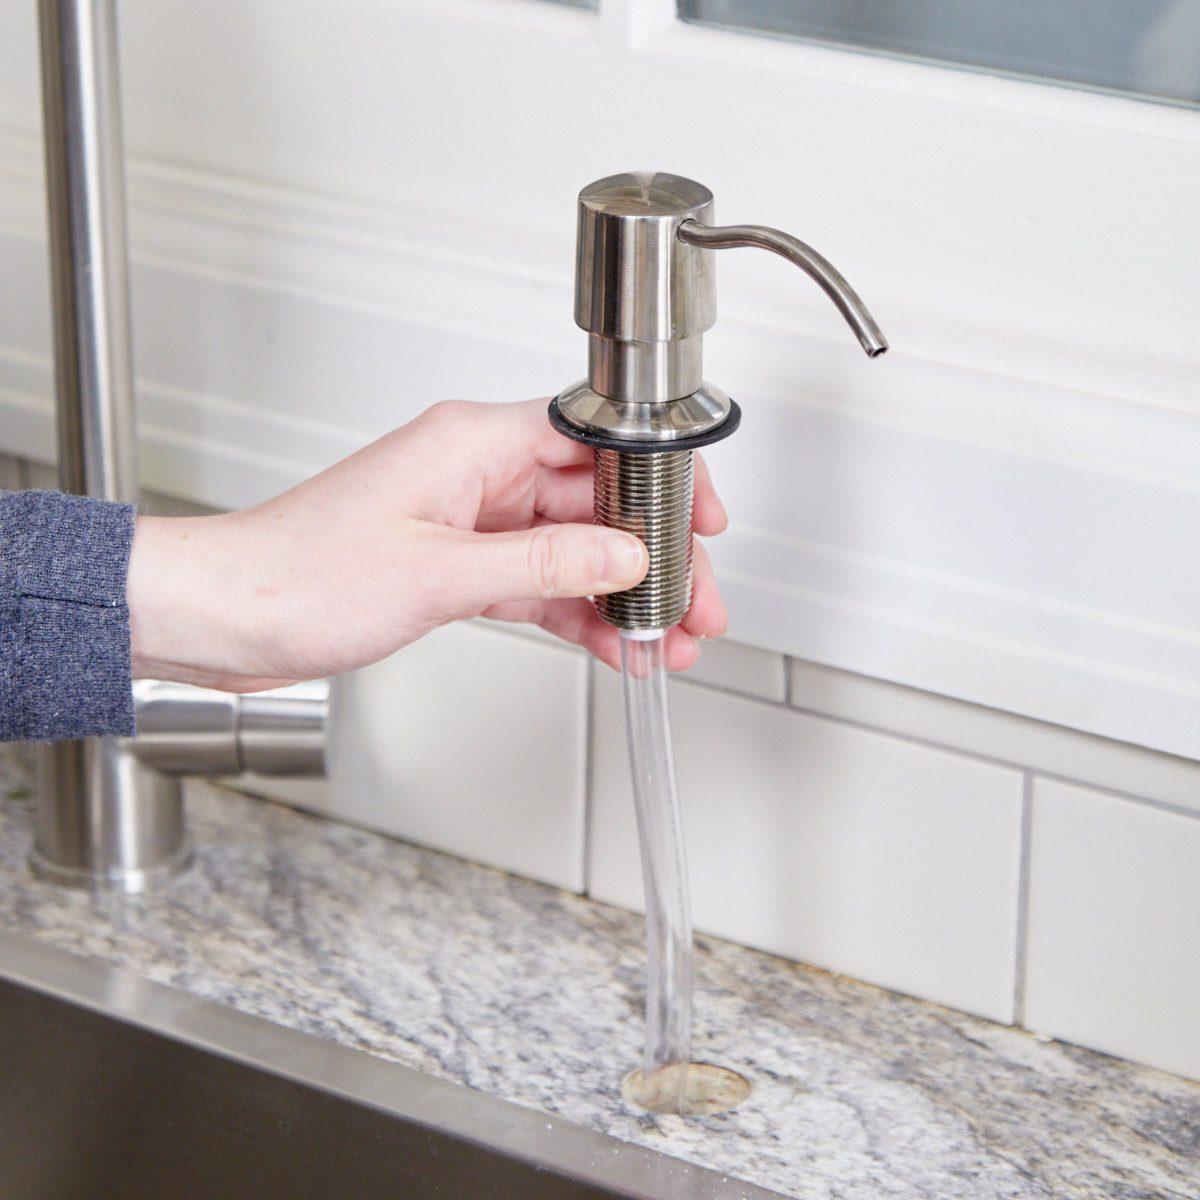 HH mega soap dispenser tubing